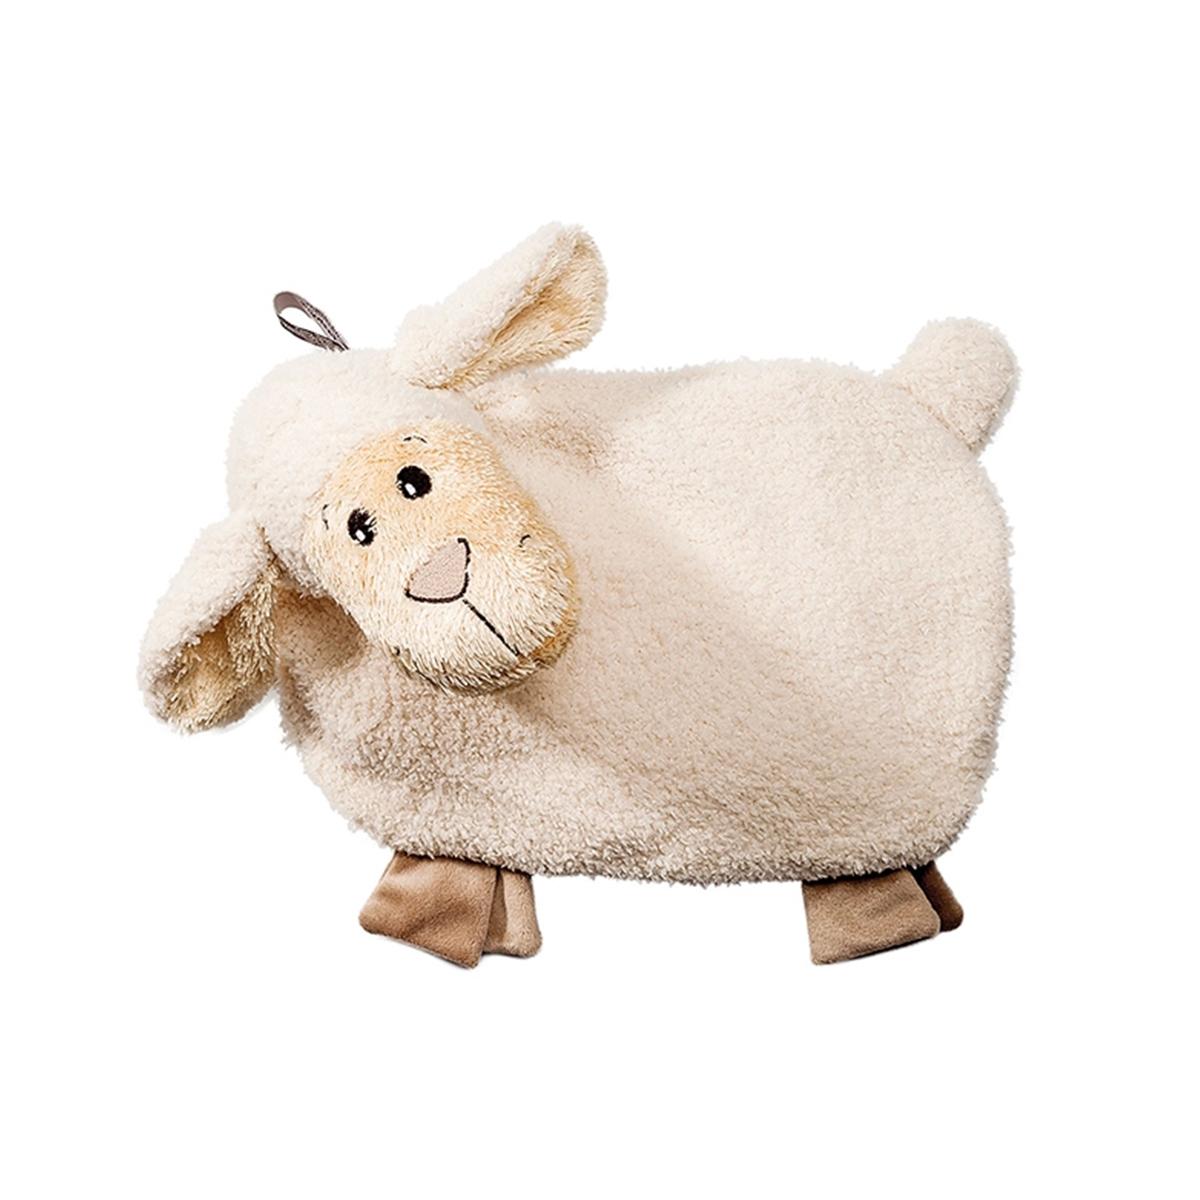 冬の寒さを乗り越える「湯たんぽ」|羊/パンダ湯たんぽ | 一緒に寝ようね、と話してくれそうな、愛くるしいぬいぐるみ湯たんぽ